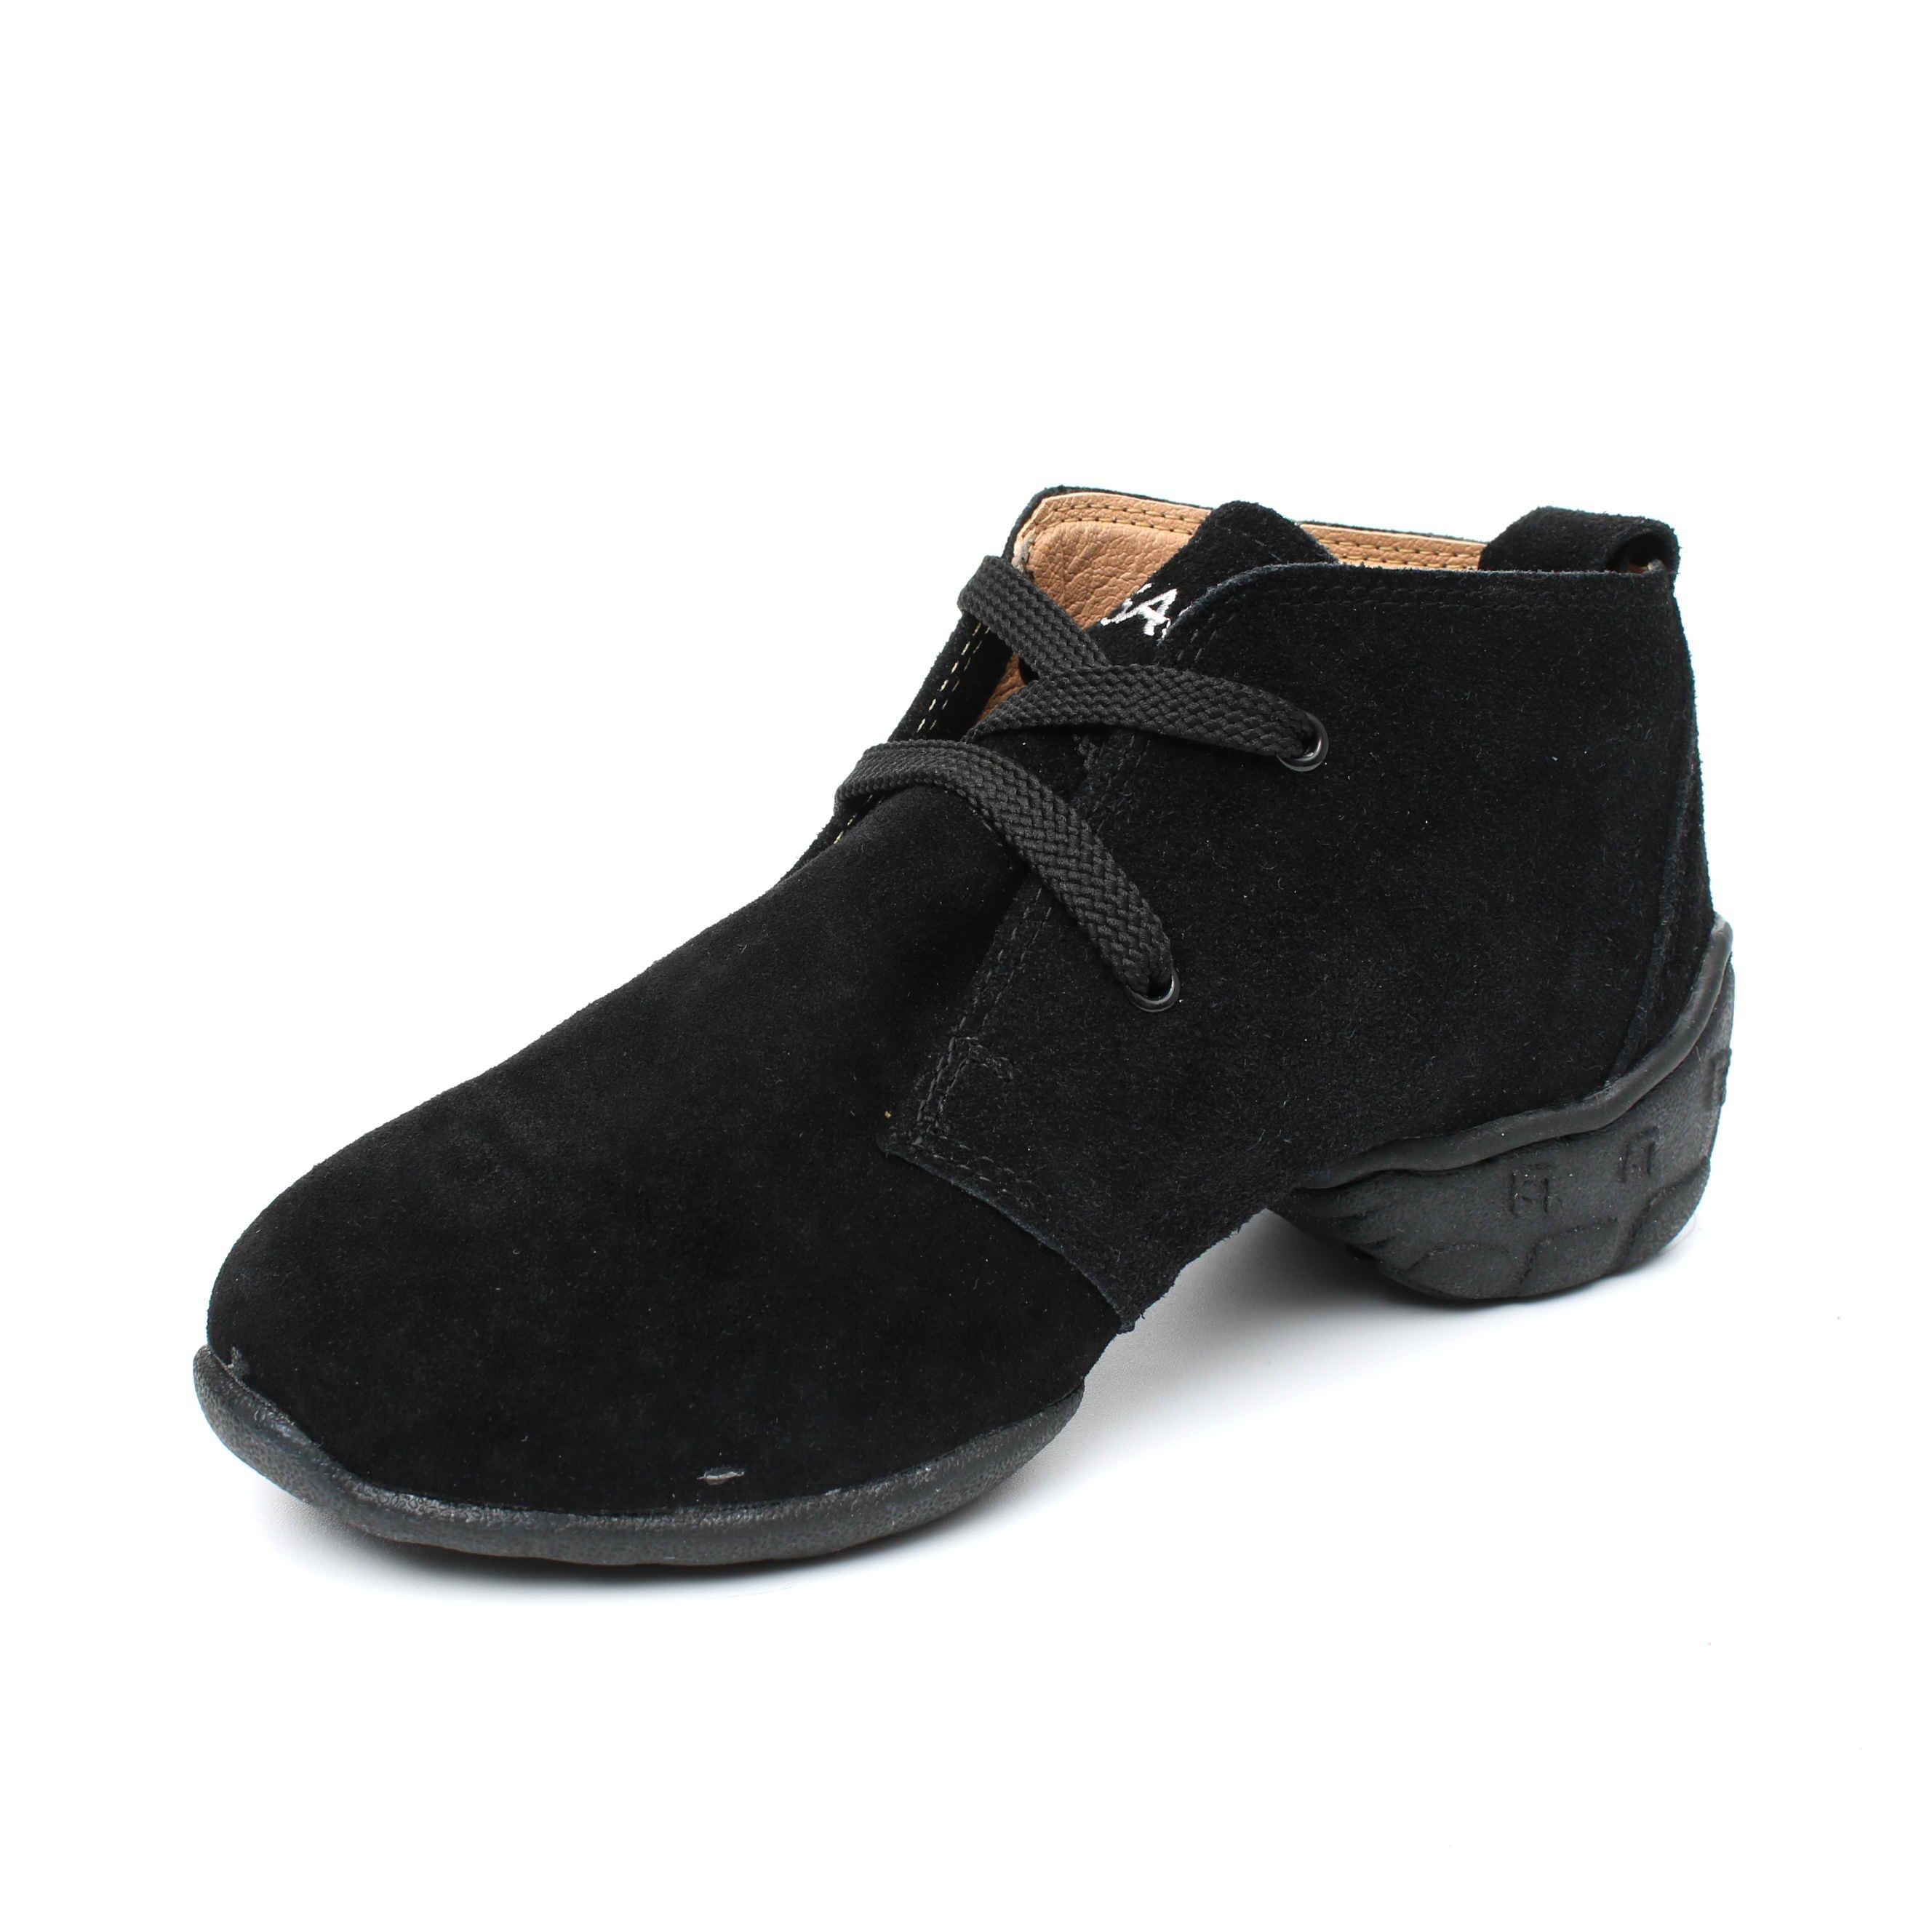 Afa安法國標舞鞋/拉丁舞鞋~~多功能運動舞鞋 原價$2,200~~70504 黑色麂皮低筒 特價$990